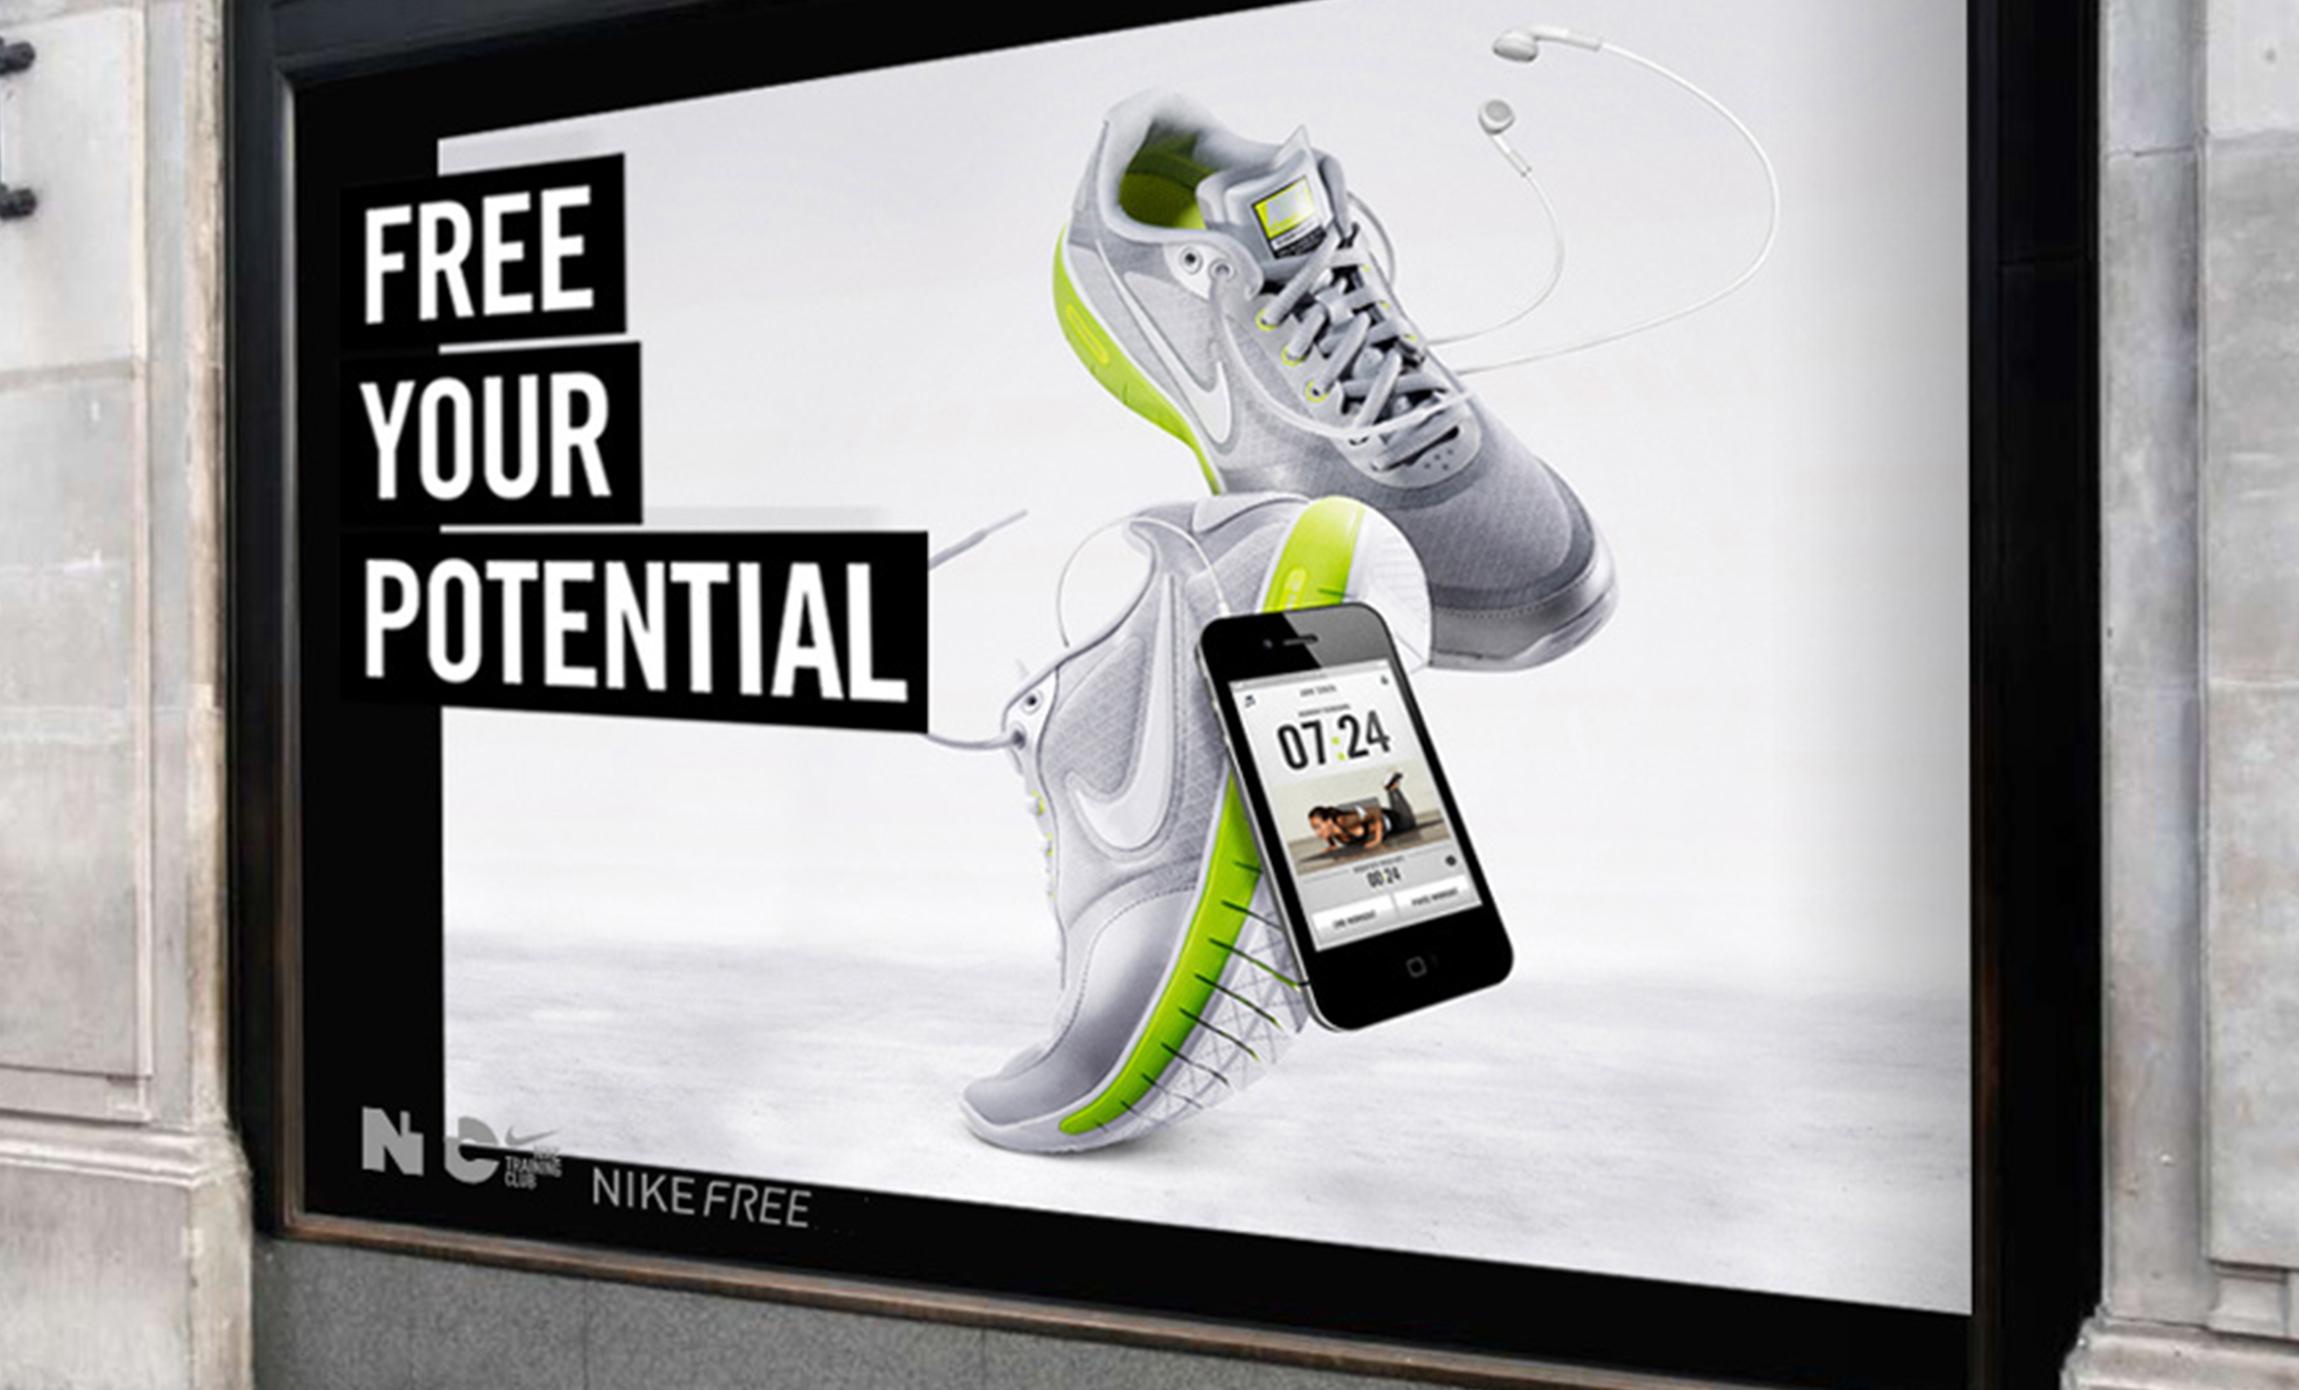 Emelie_Ivansson_NikeFree_03.jpg